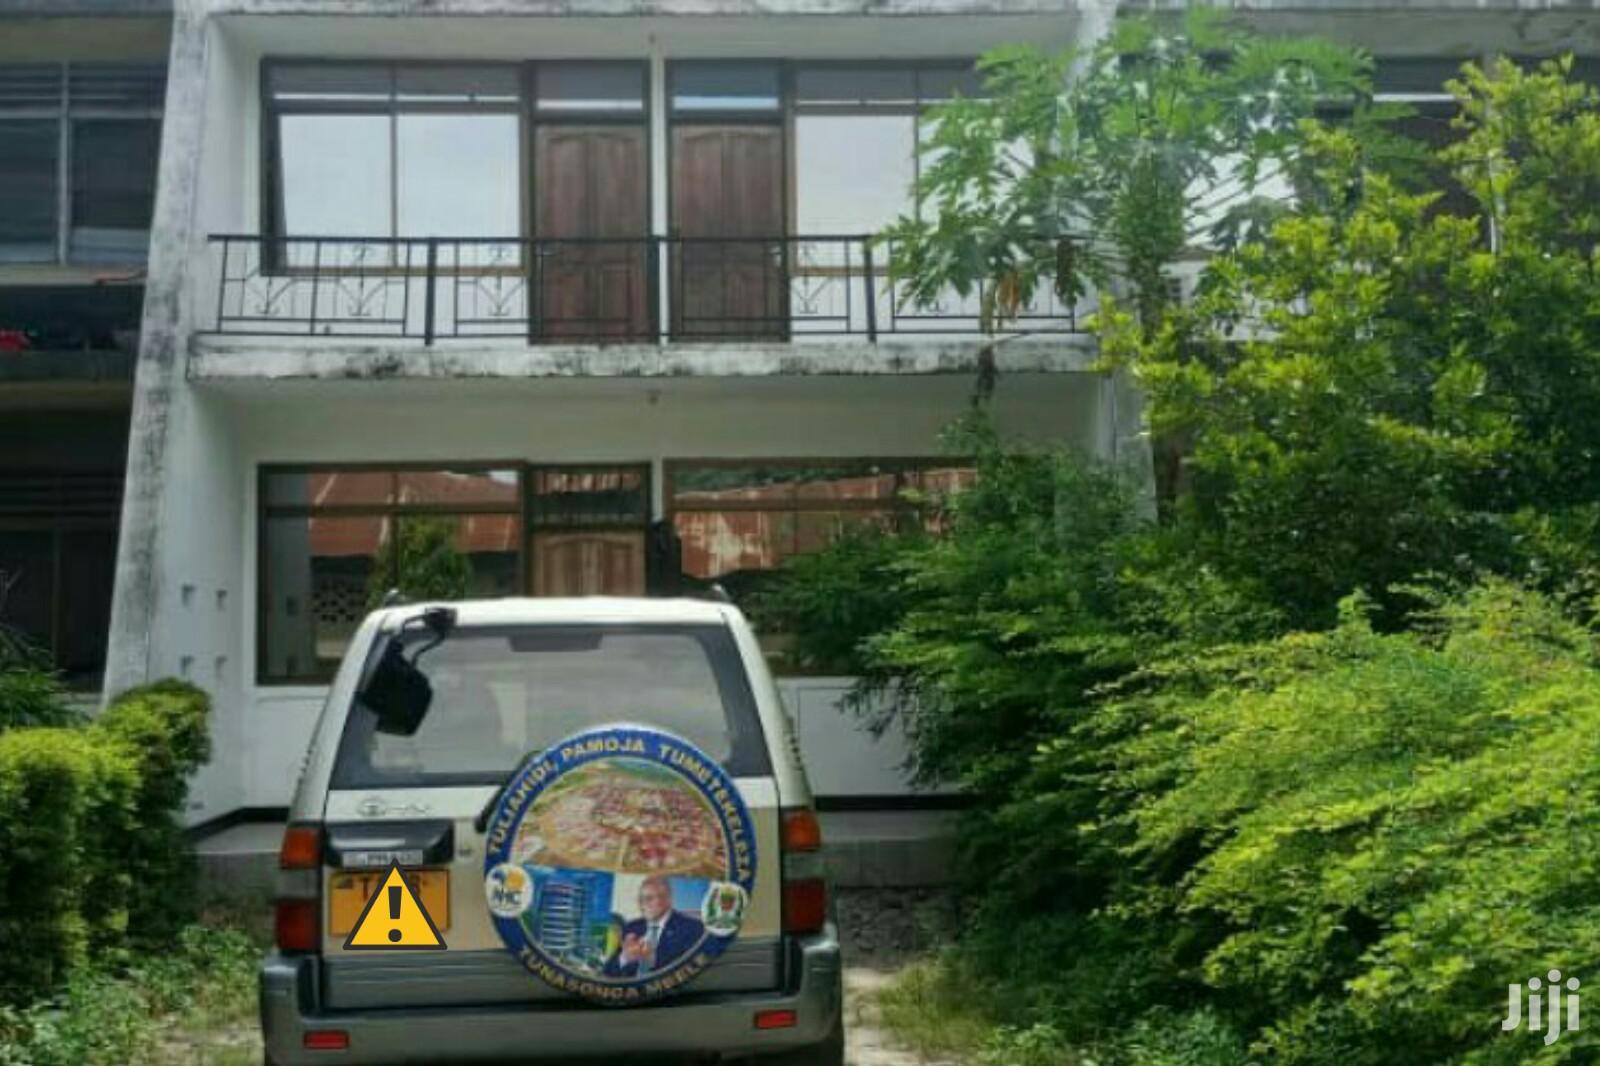 1 Storey 2 Bedrooms Apartment Inapangishwa, Ilala